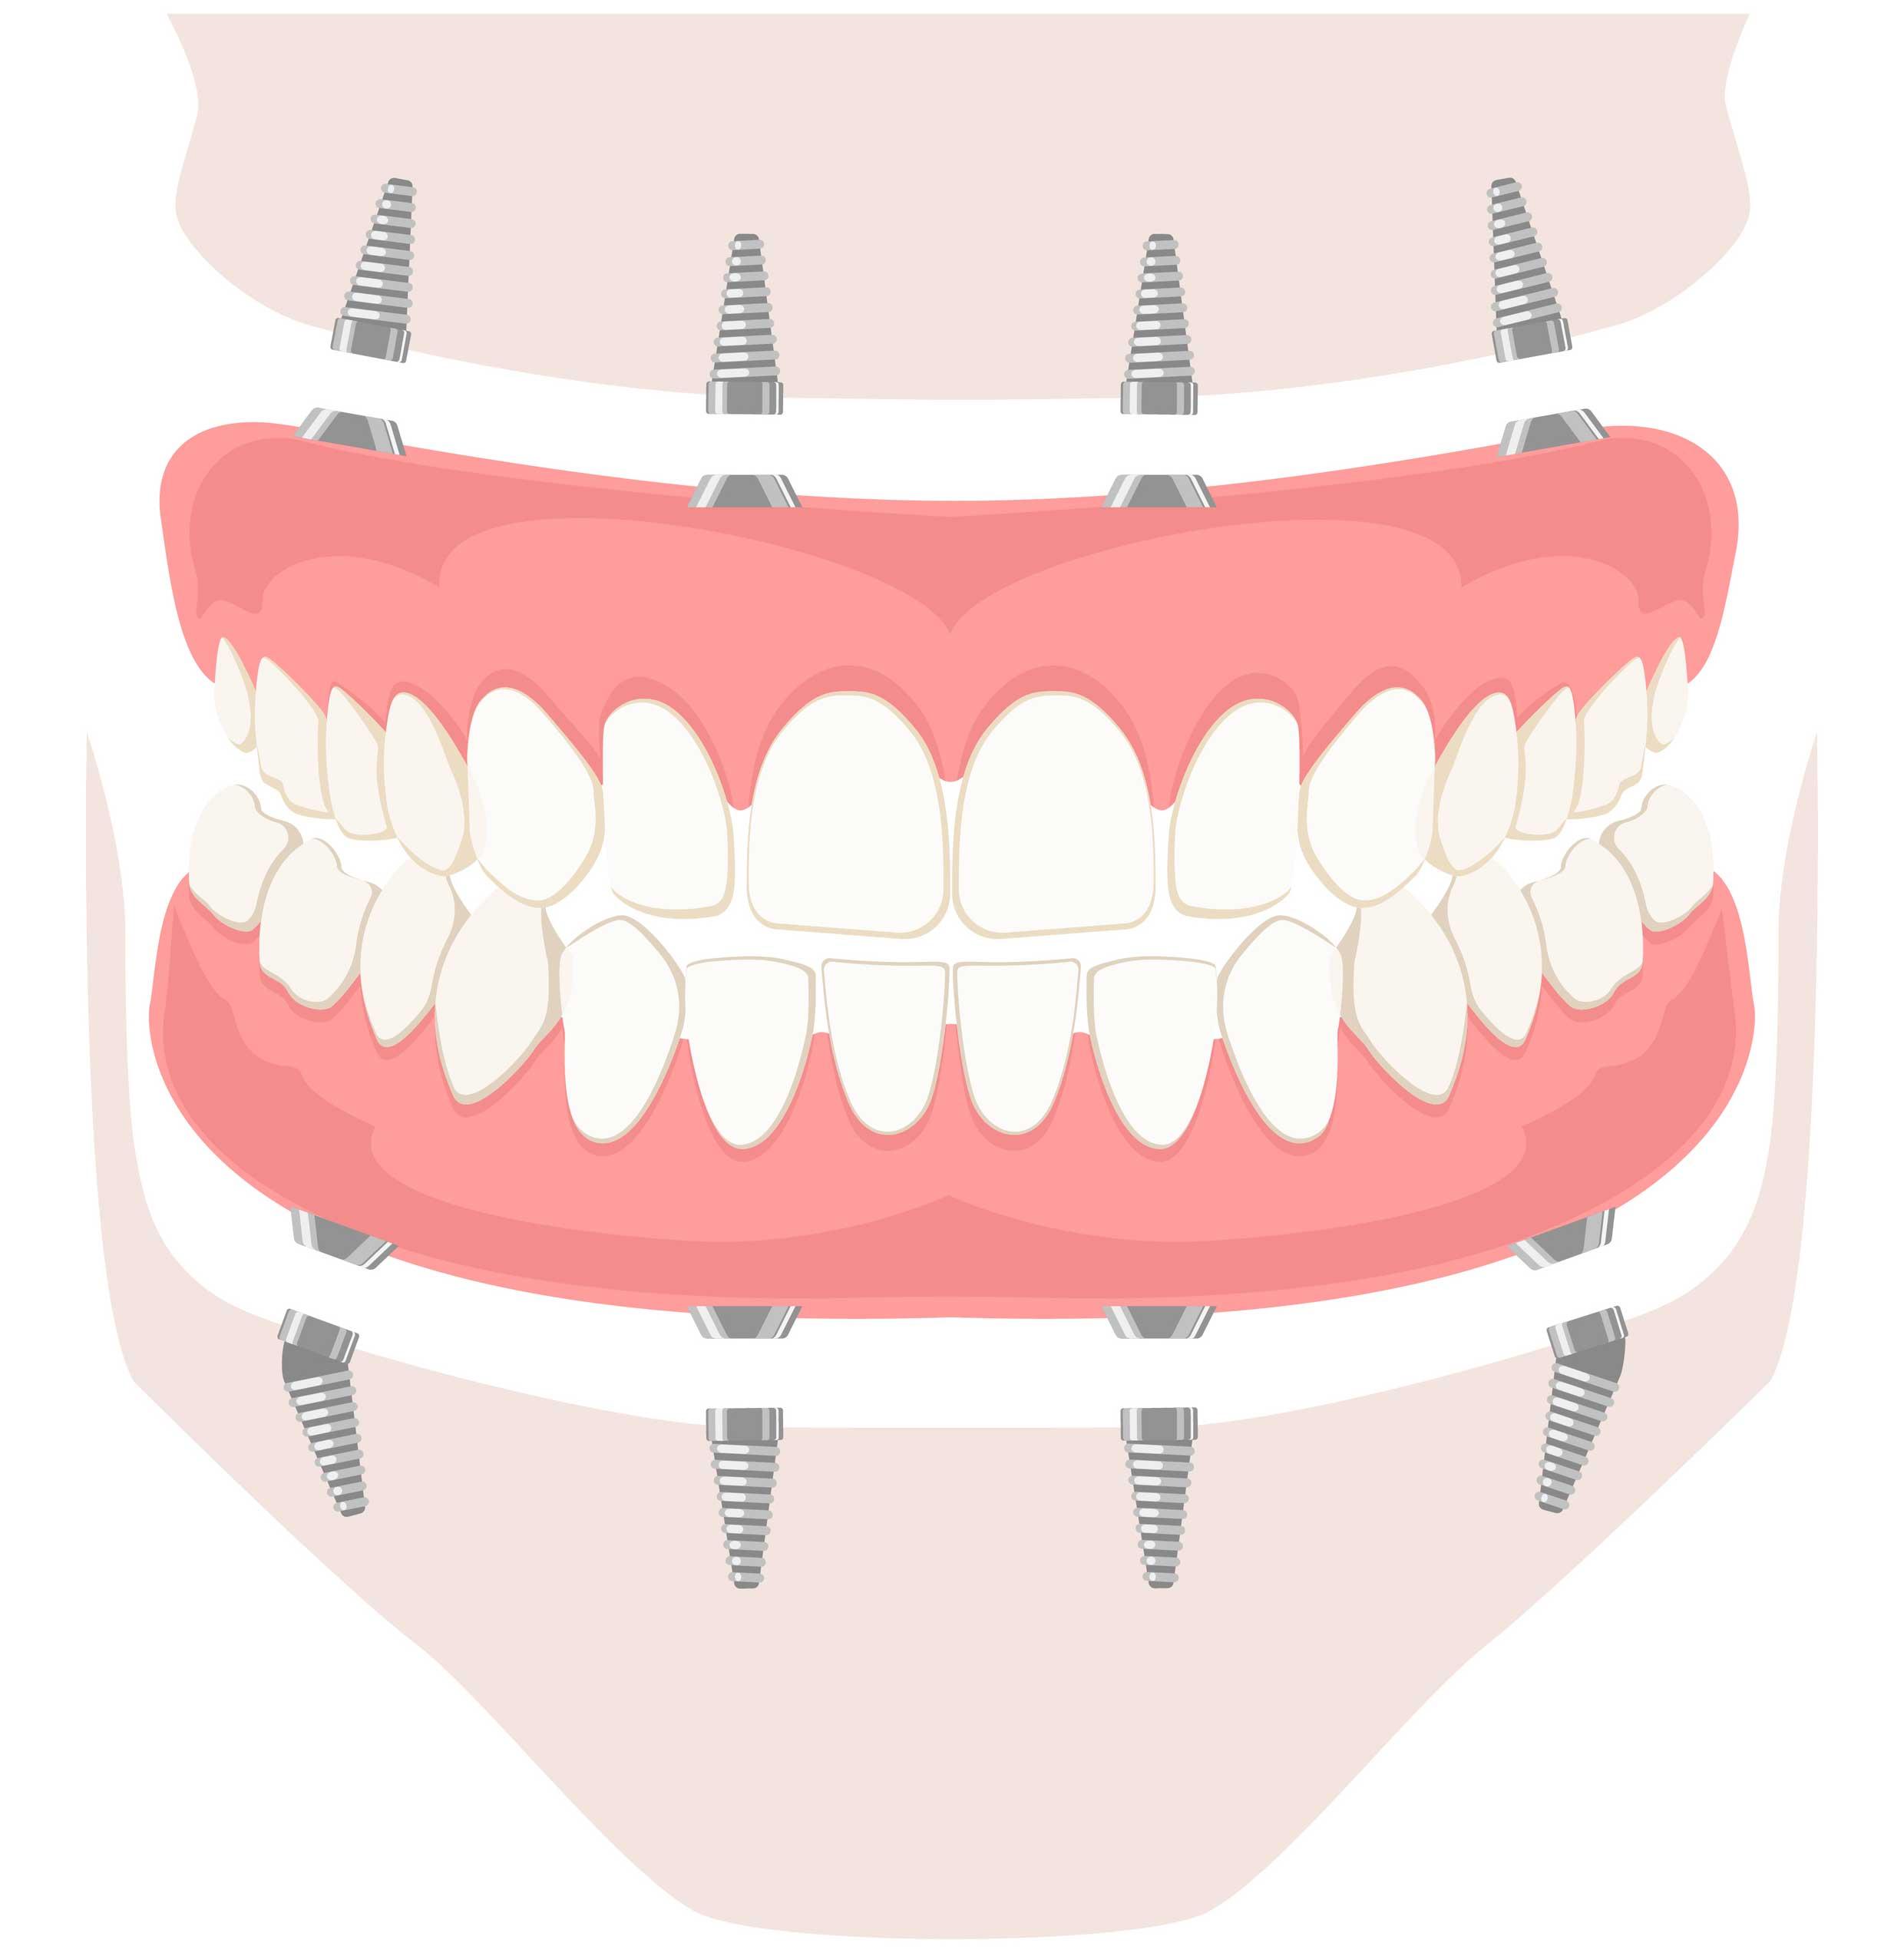 Illustration of implant based dentures.